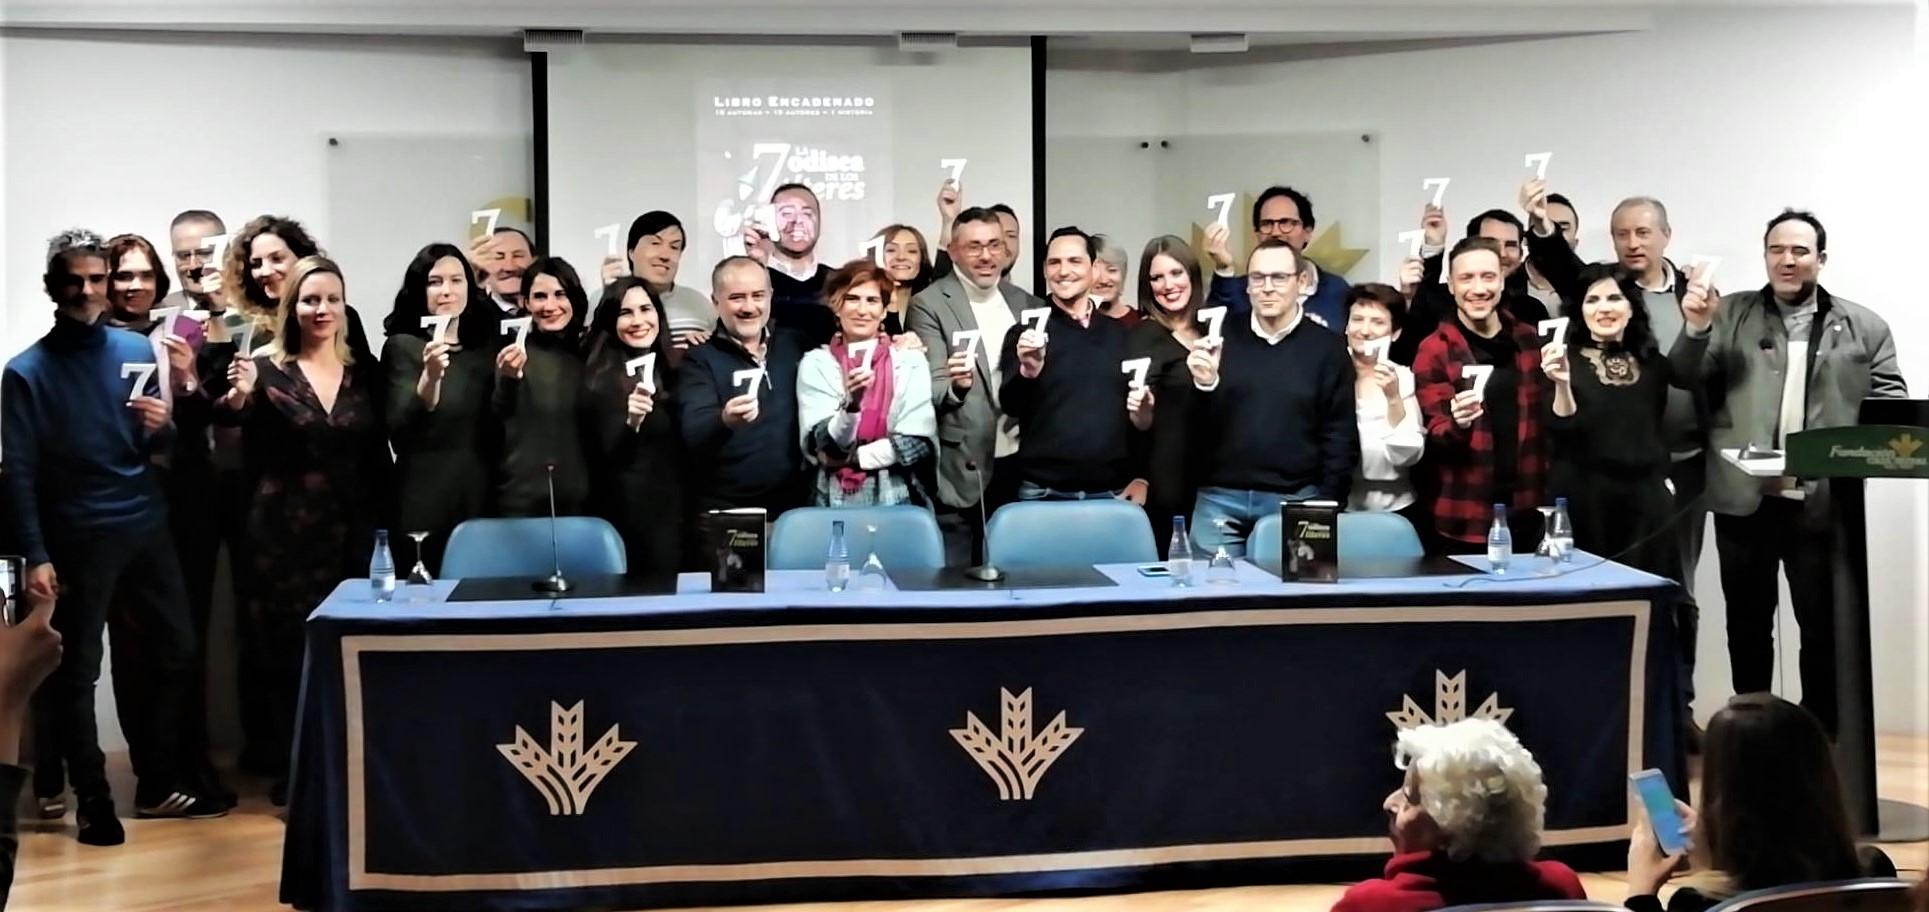 '7: la odisea de los títeres', el libro encadenado de Pábilo Editorial, se presenta en la Fundación Caja Rural del Sur